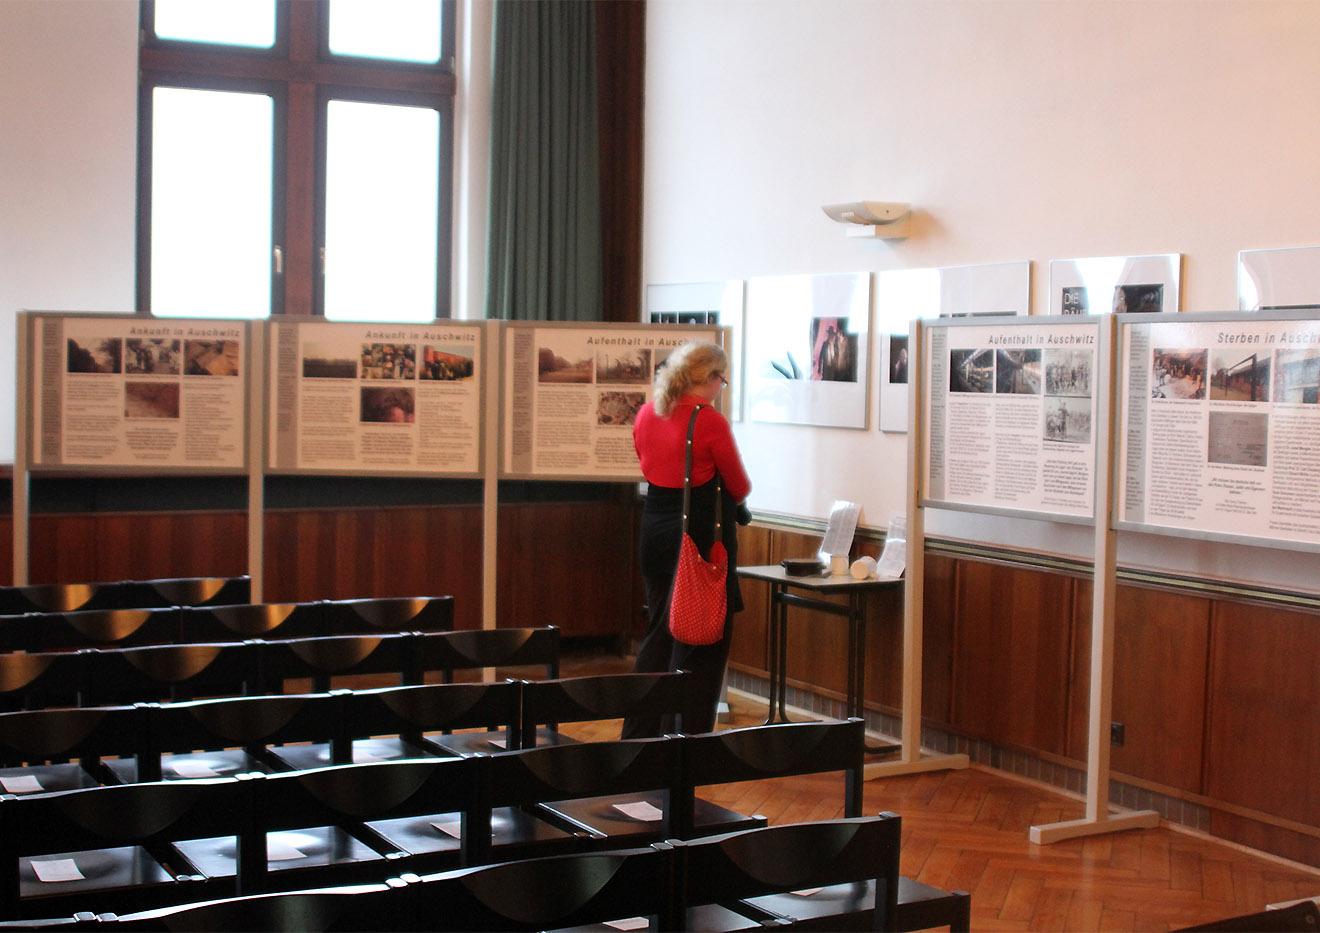 Ausstellung Erinnern an die Gegenwart mahnt